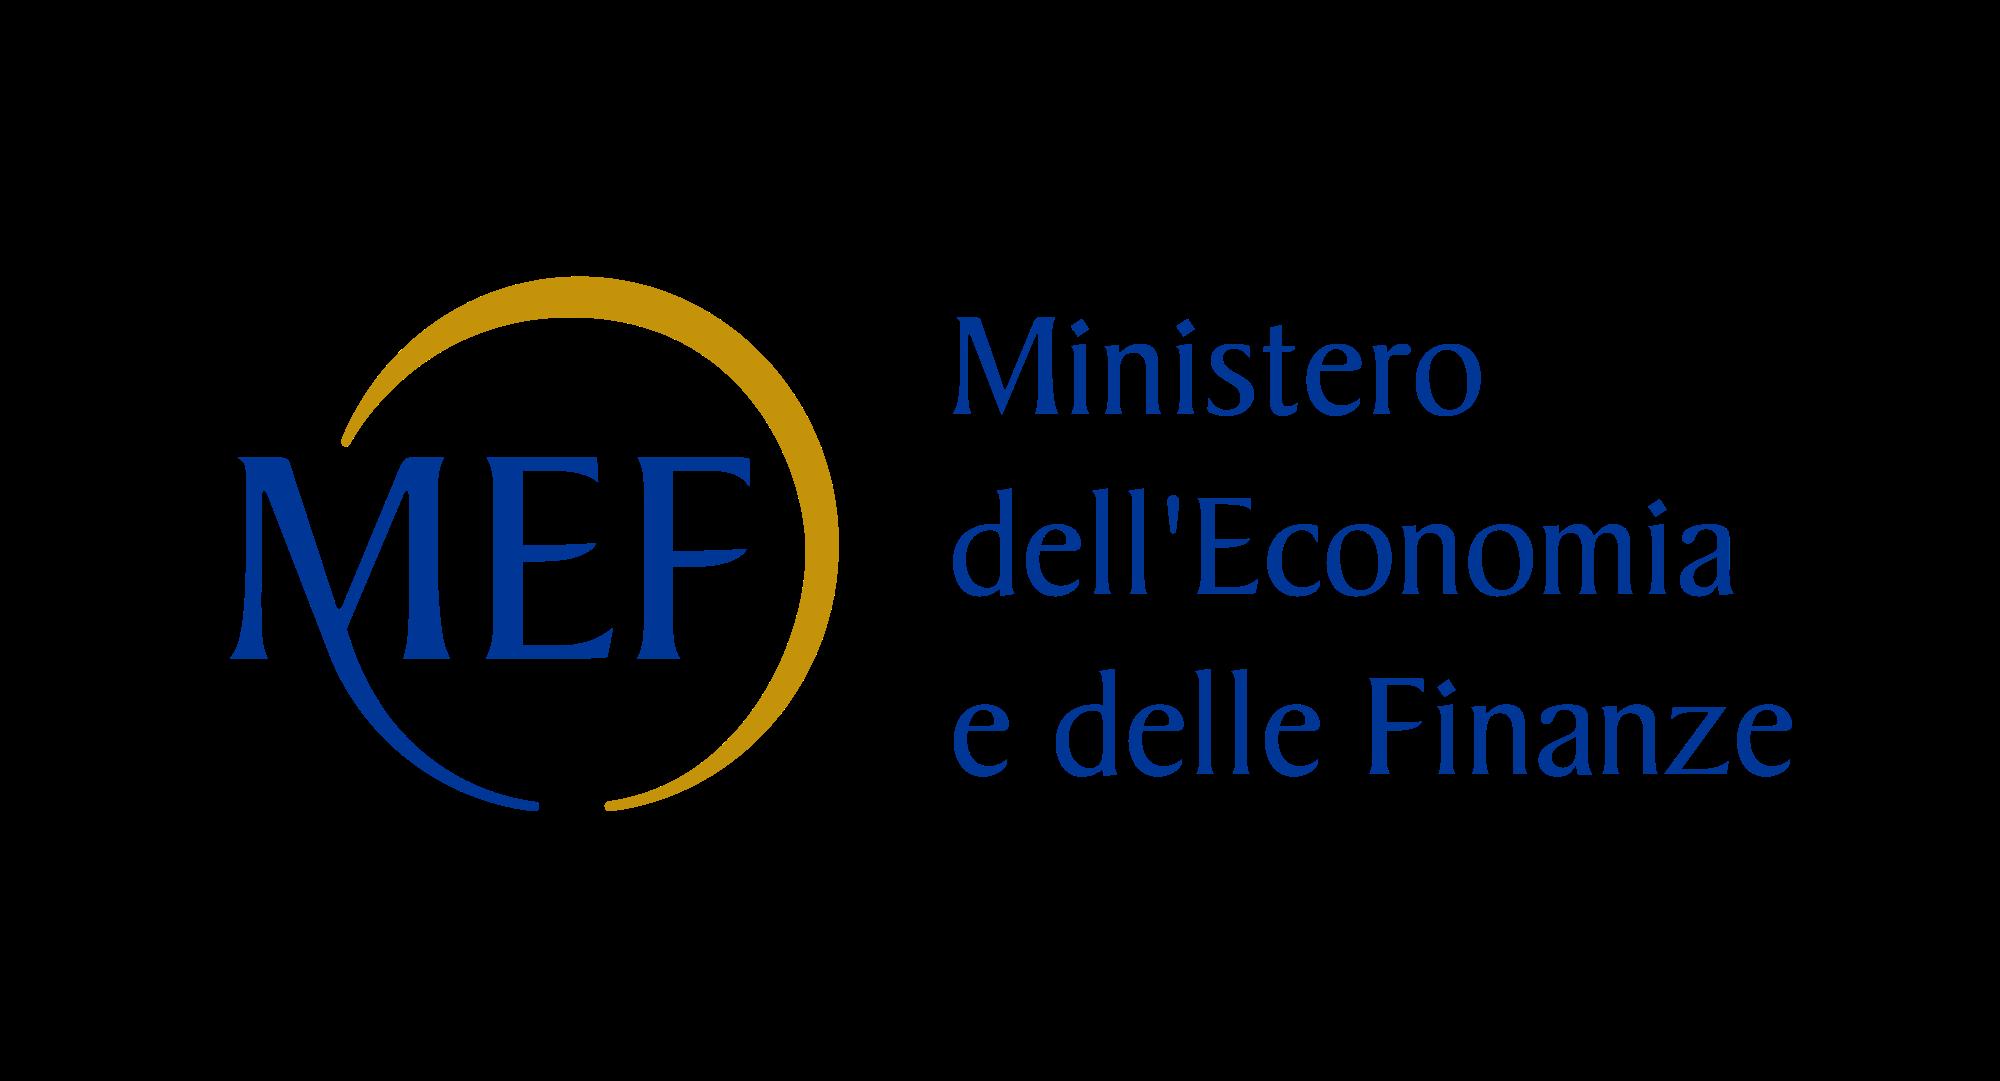 MEF Ministero Economia e Finanze